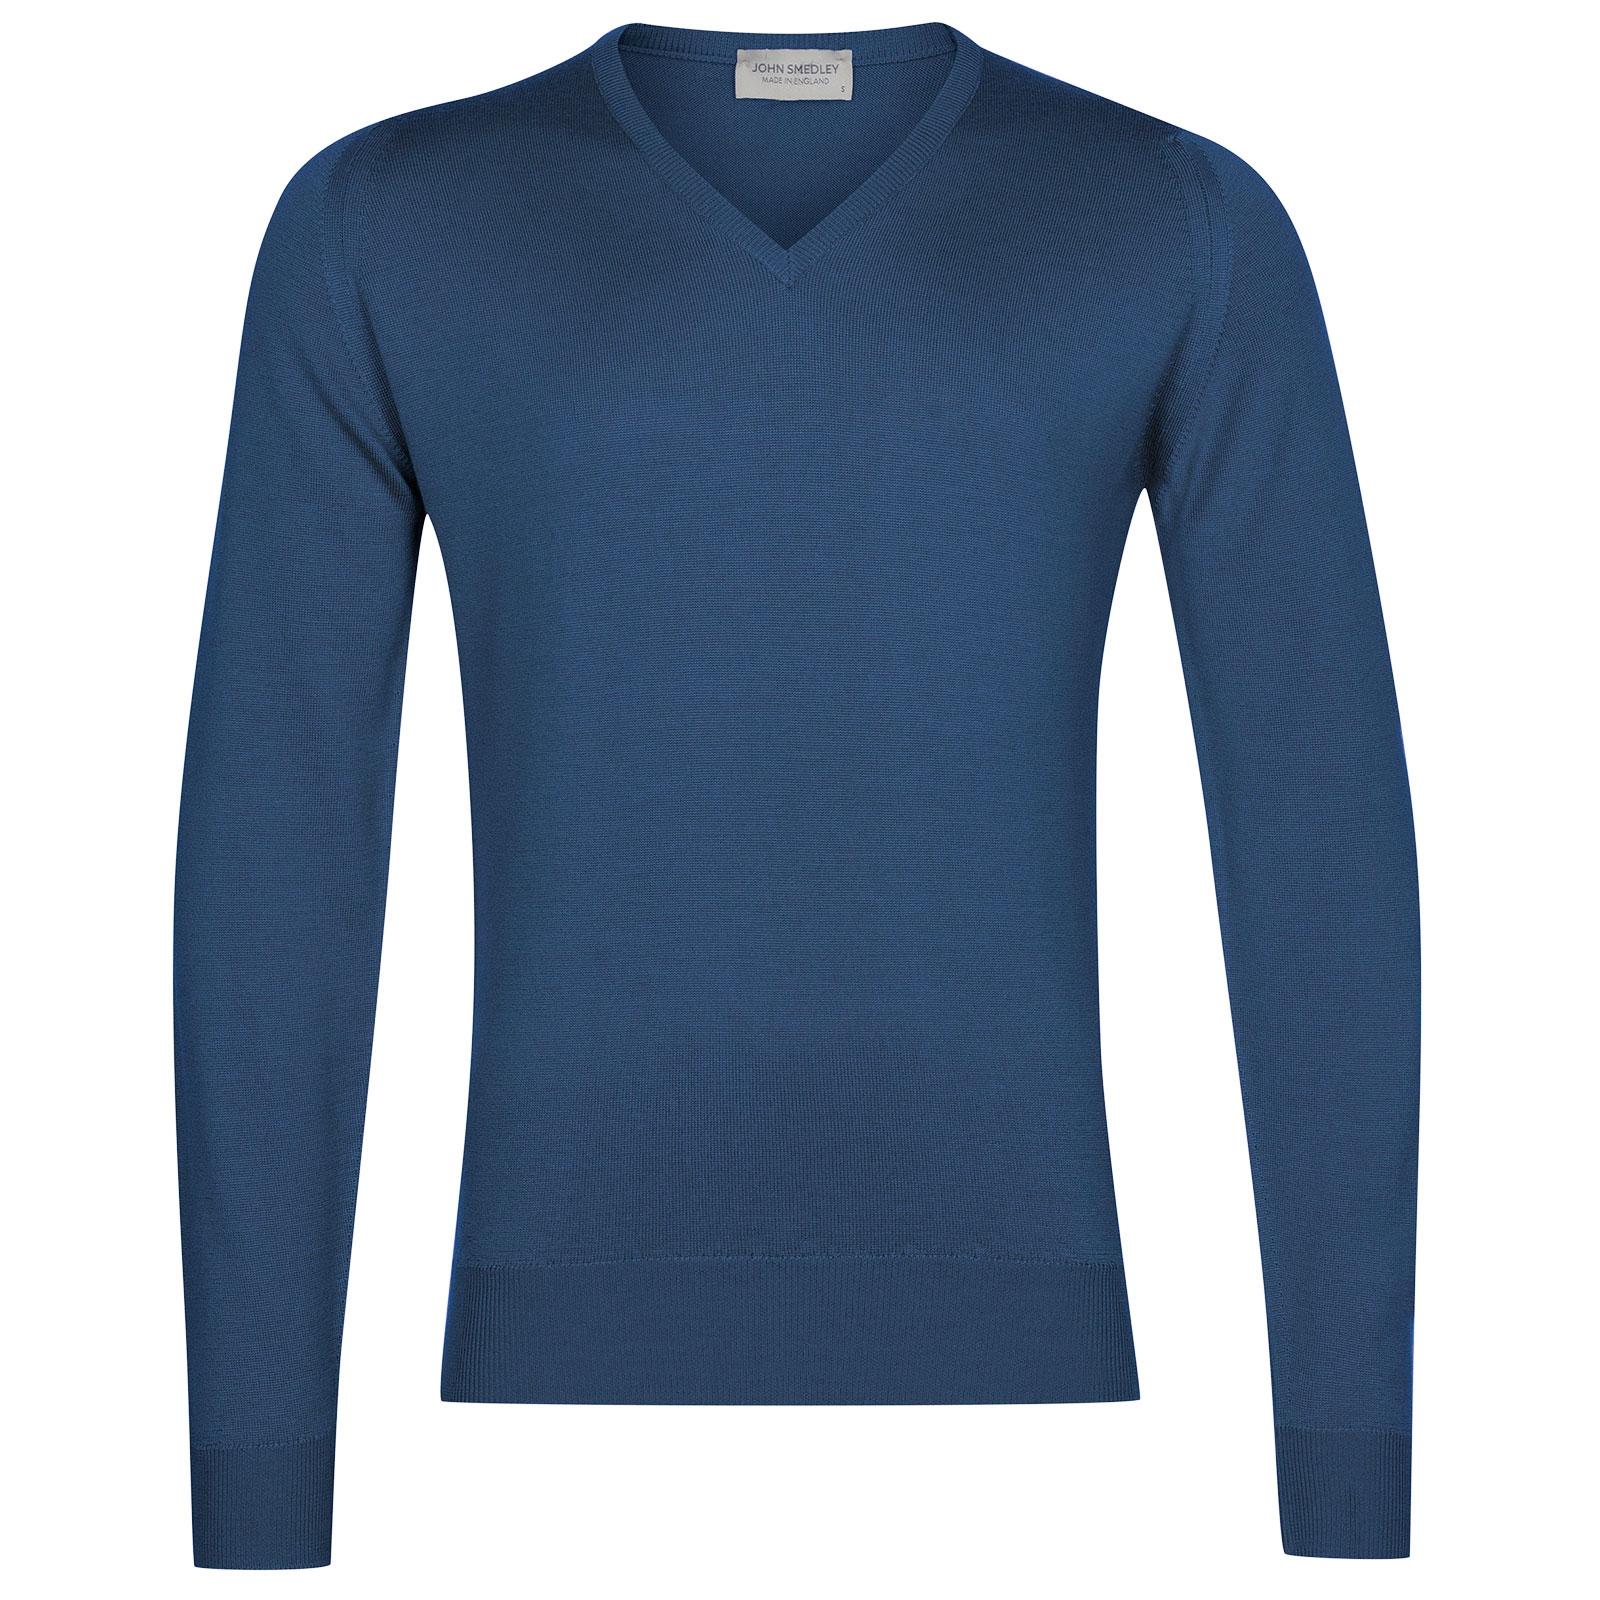 John Smedley Blenheim Merino Wool Pullover in Derwent Blue-L